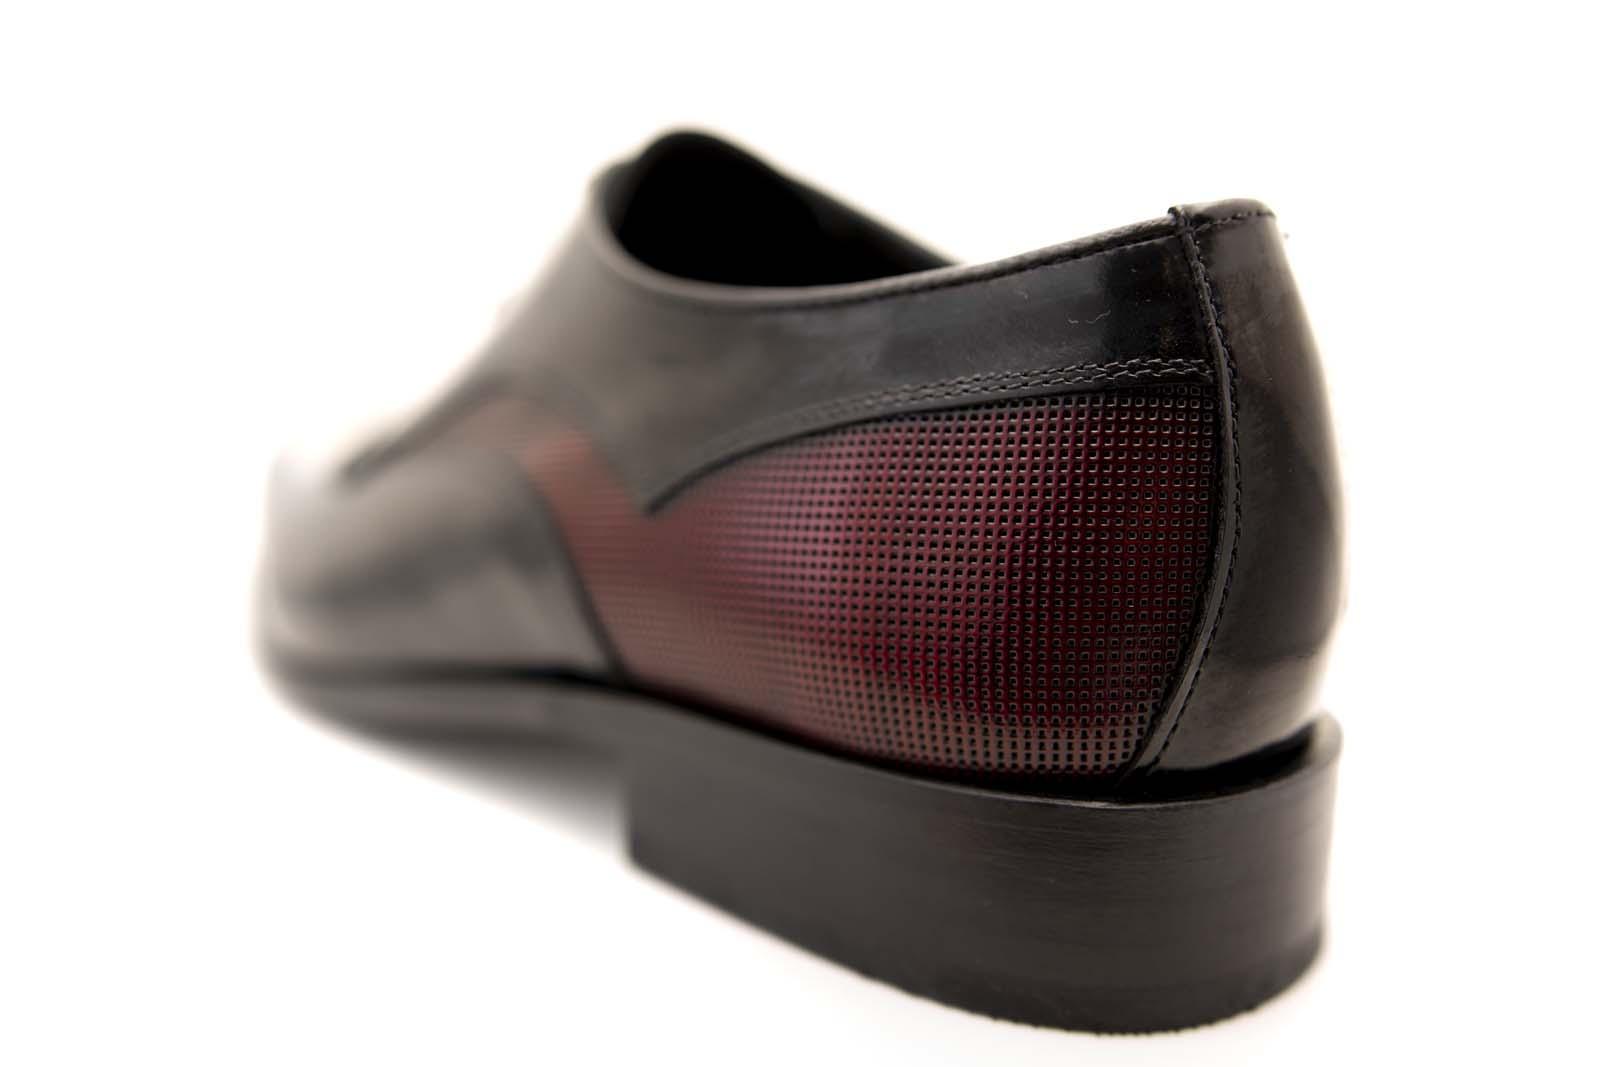 Zapatos de novio modelo Derby en color negro y piel detalle burdeos